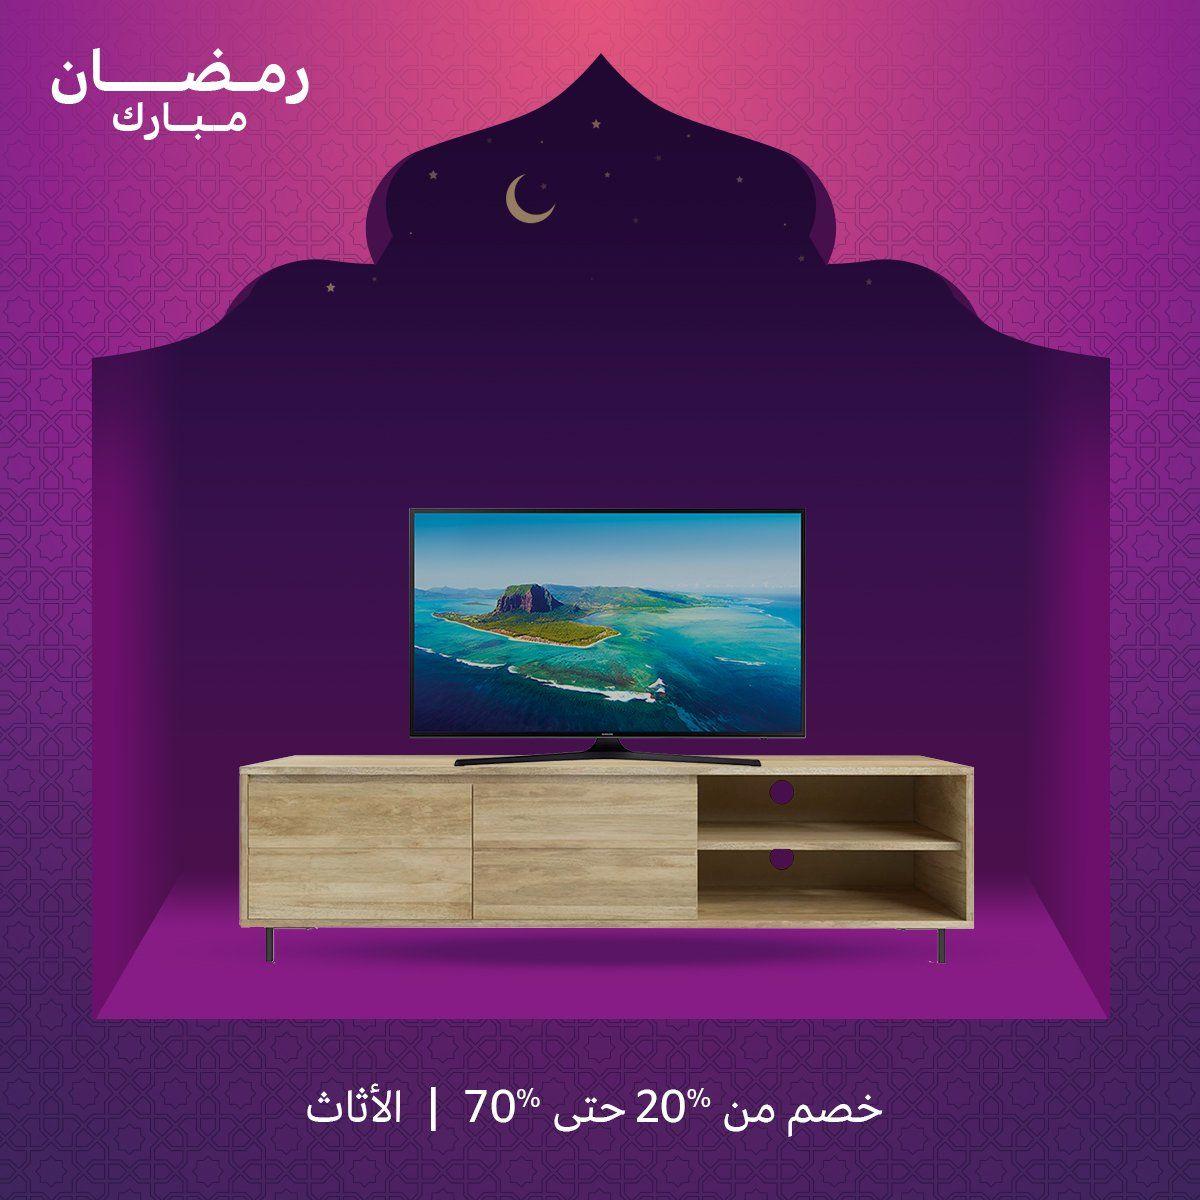 رمضان مبارك عروضنا غير بشهر الخير تشكيلة أثاث عصري وعملي لمنزلك أحصل على خصم إضافي 10 مع كوبون Ramadan تسوق الآن Home Decor Decor Furniture